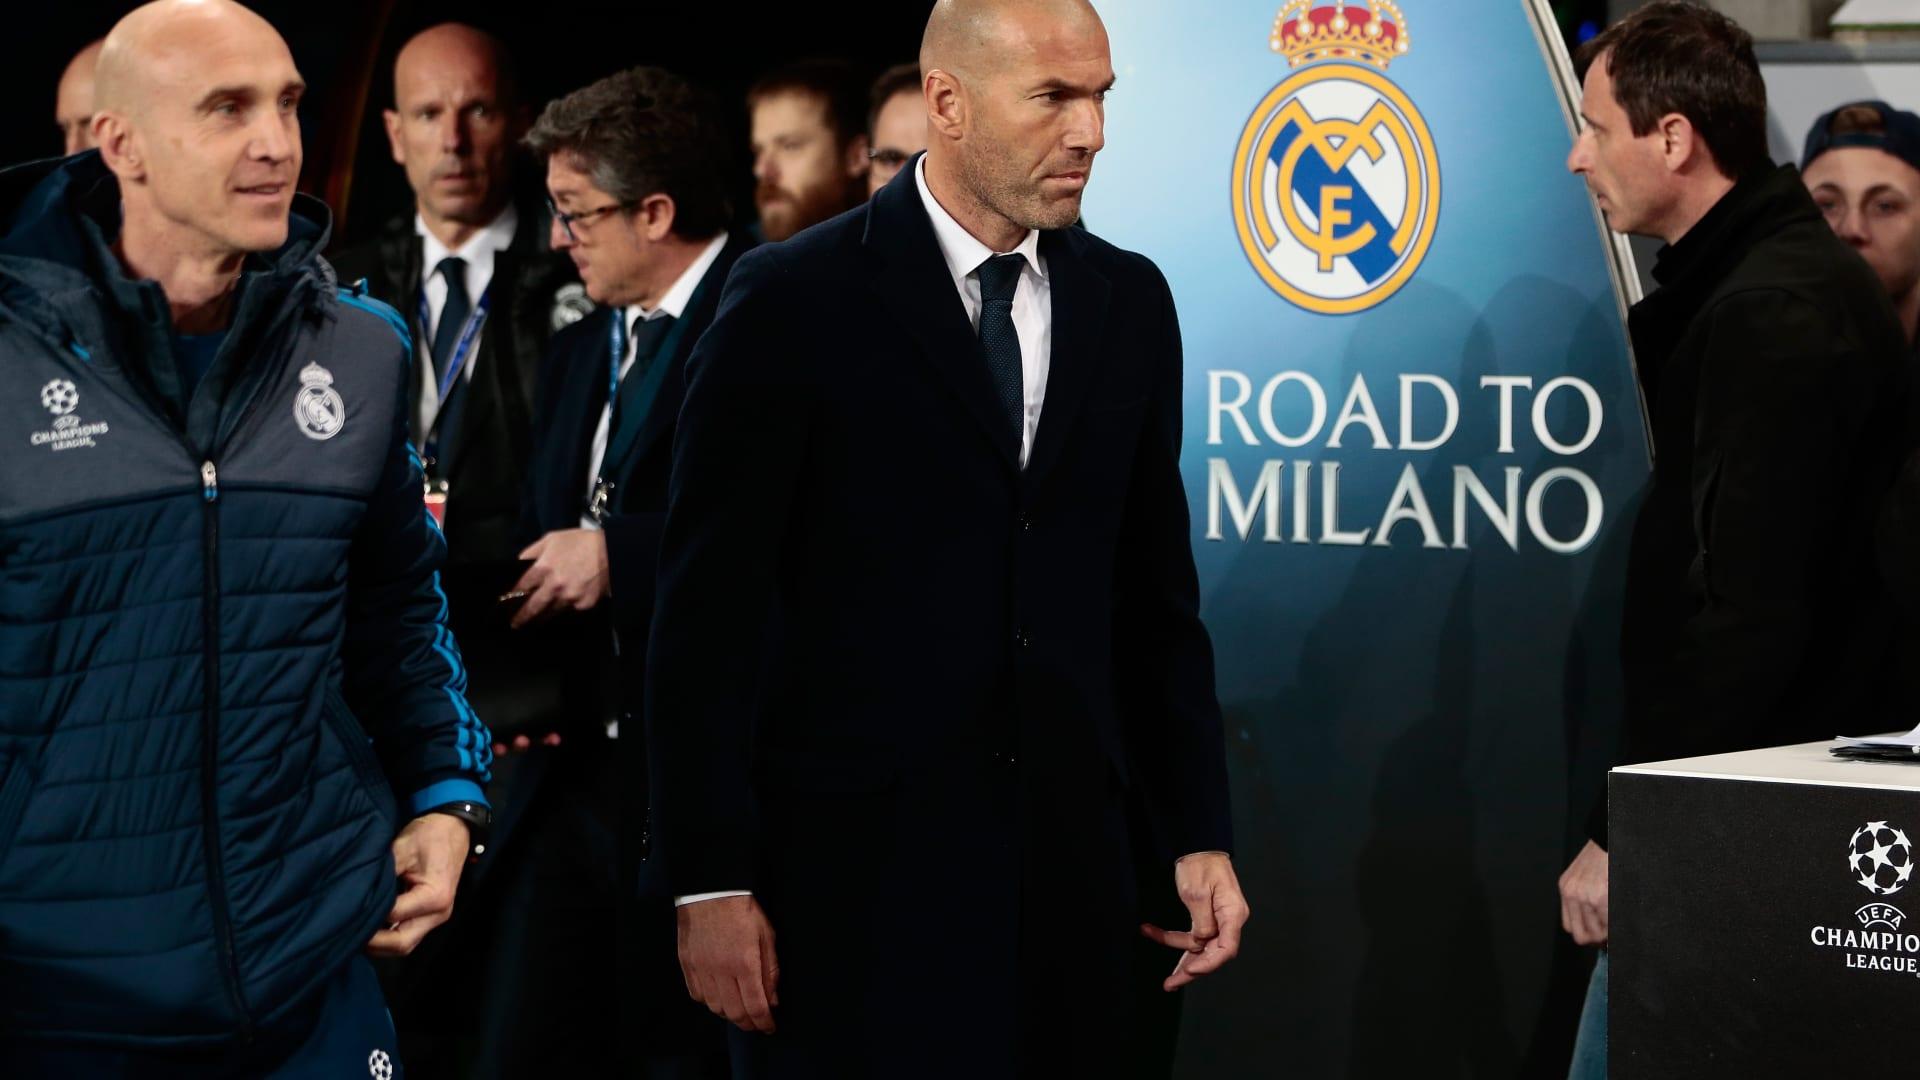 ريال مدريد في مهمة تاريخية وباريس سان جيرمان ضيفا على السيتي